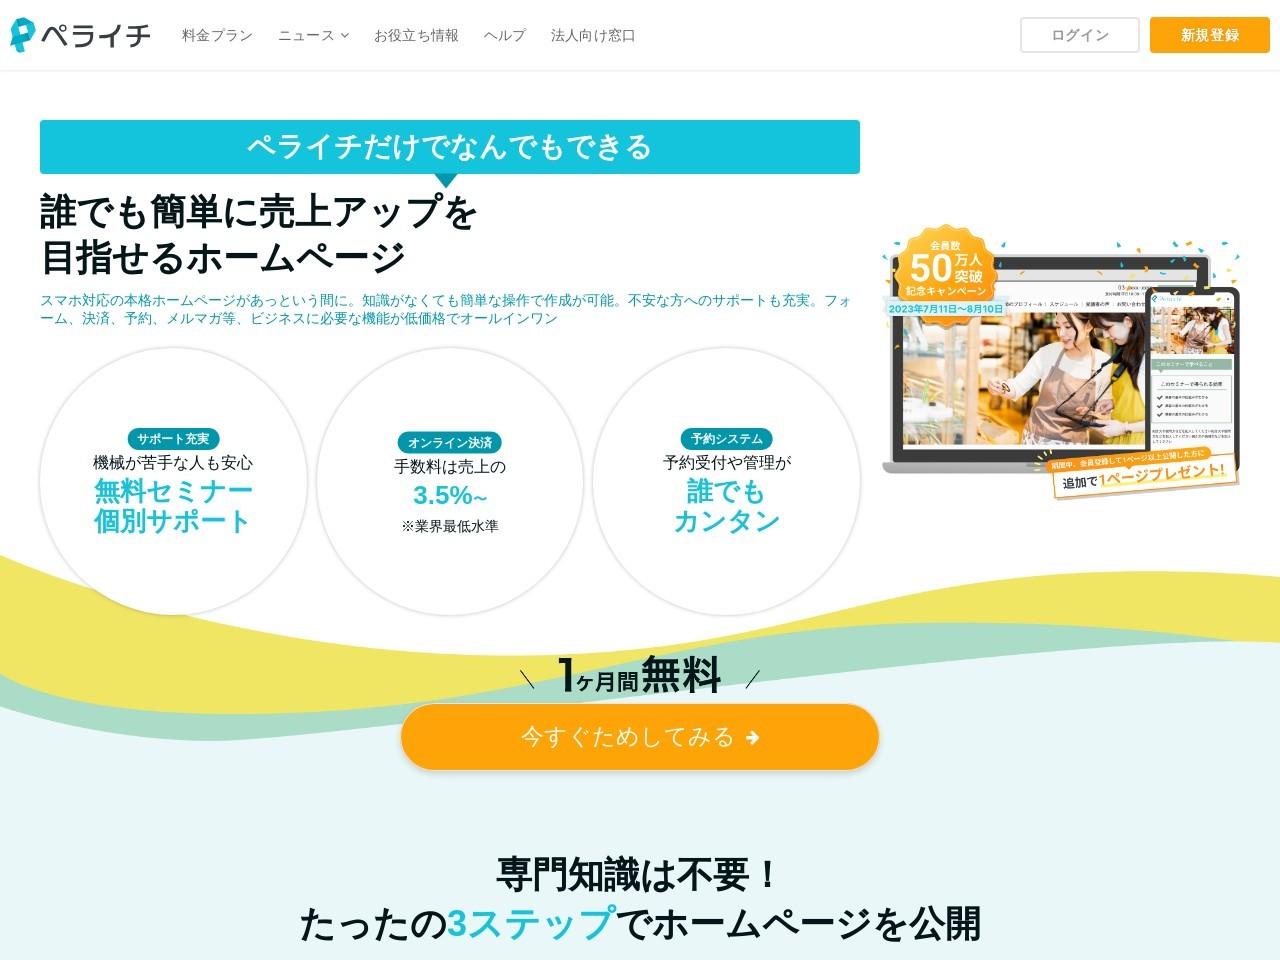 【新メンバー募集】NPO法人学生ネットワークWAN